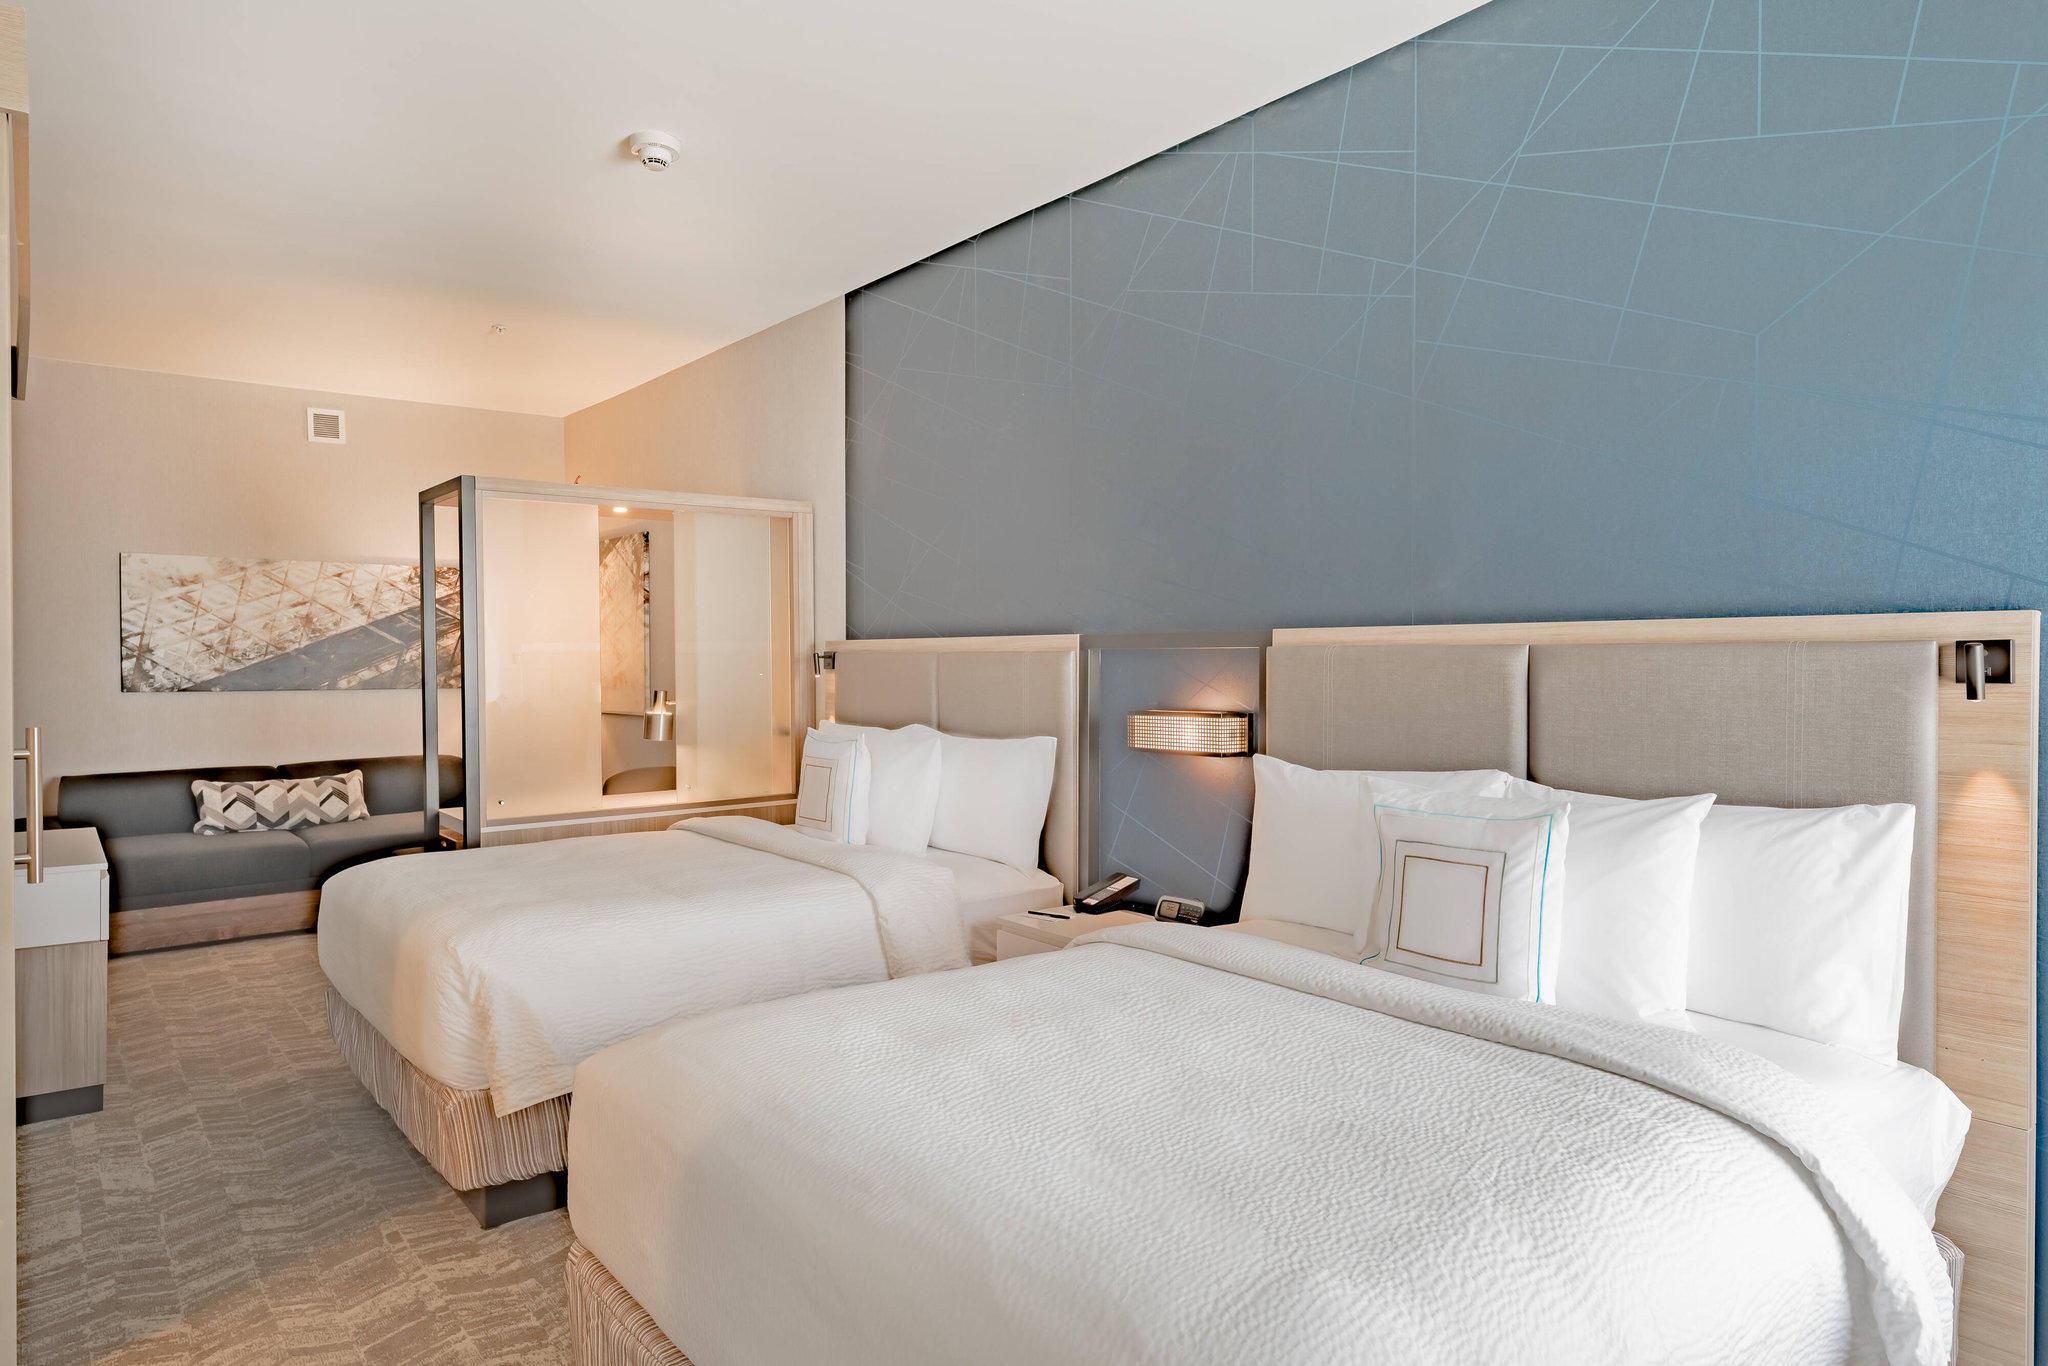 SpringHill Suites by Marriott Dallas McKinney/Allen